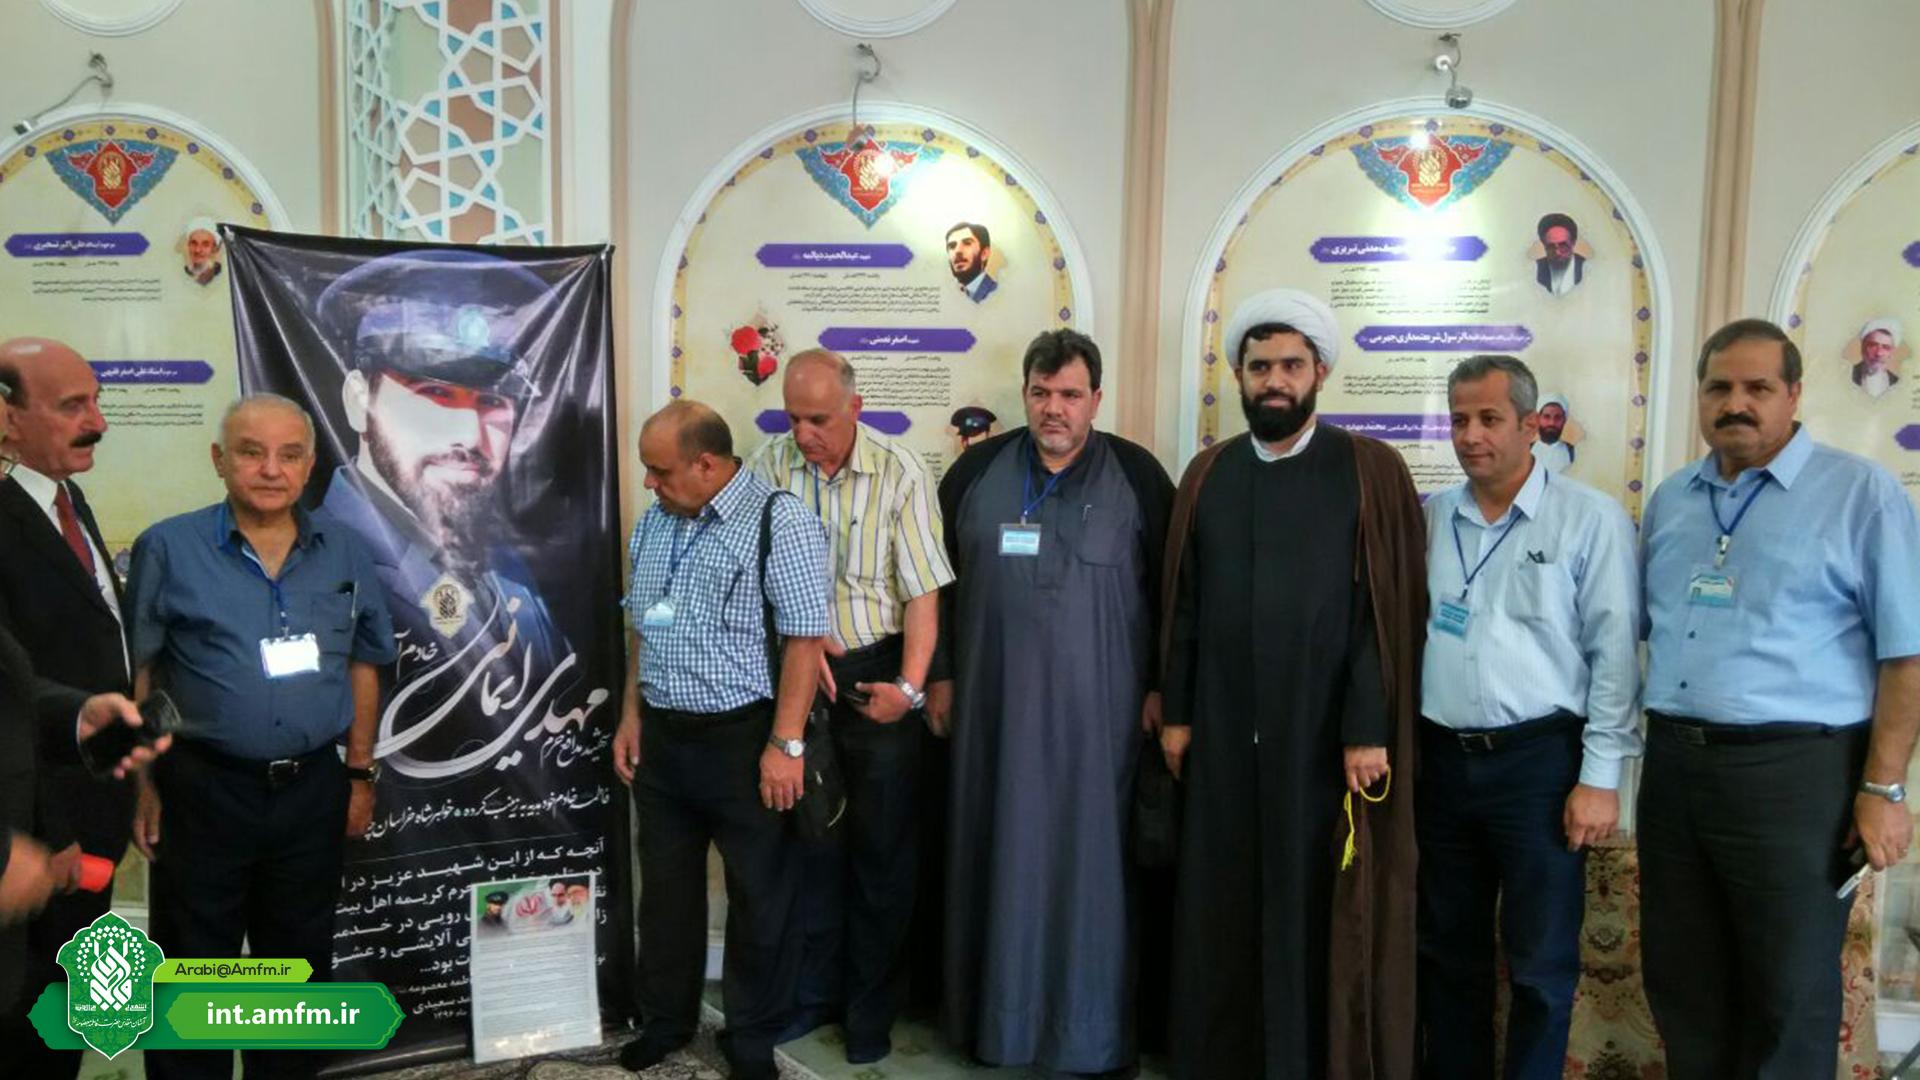 زيارة جمع من المثقفين السوريين لحرم السيدة فاطمة المعصومةعليهاالسلام